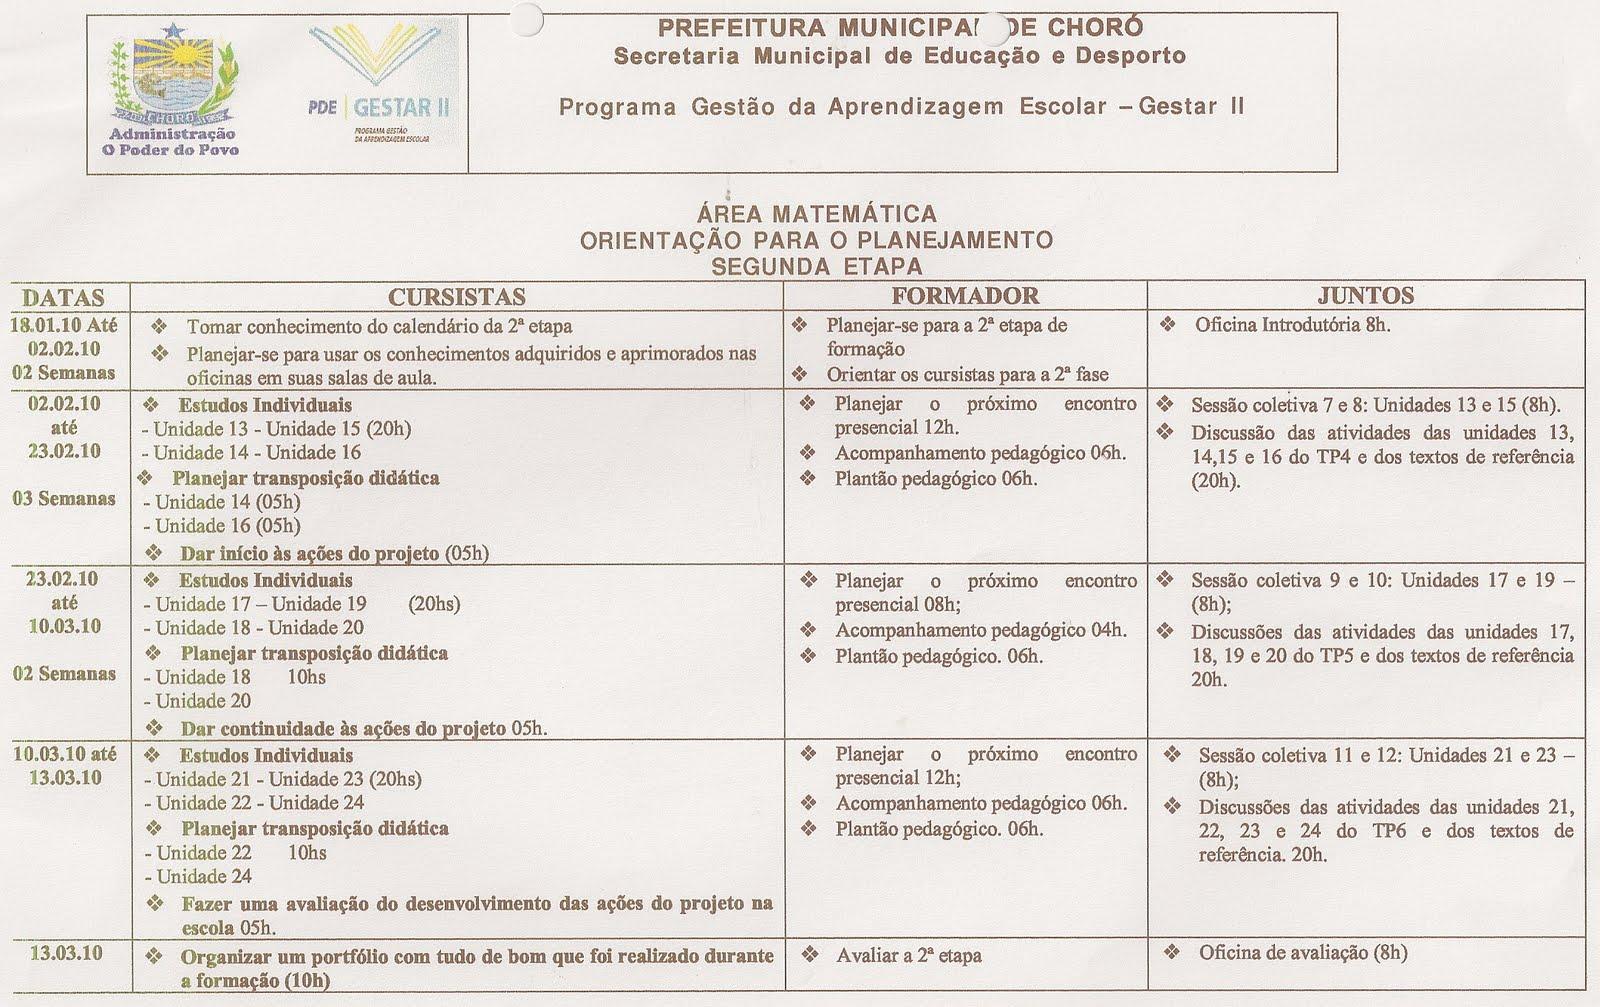 Orientação para planejamento 2ª etapa Matemática